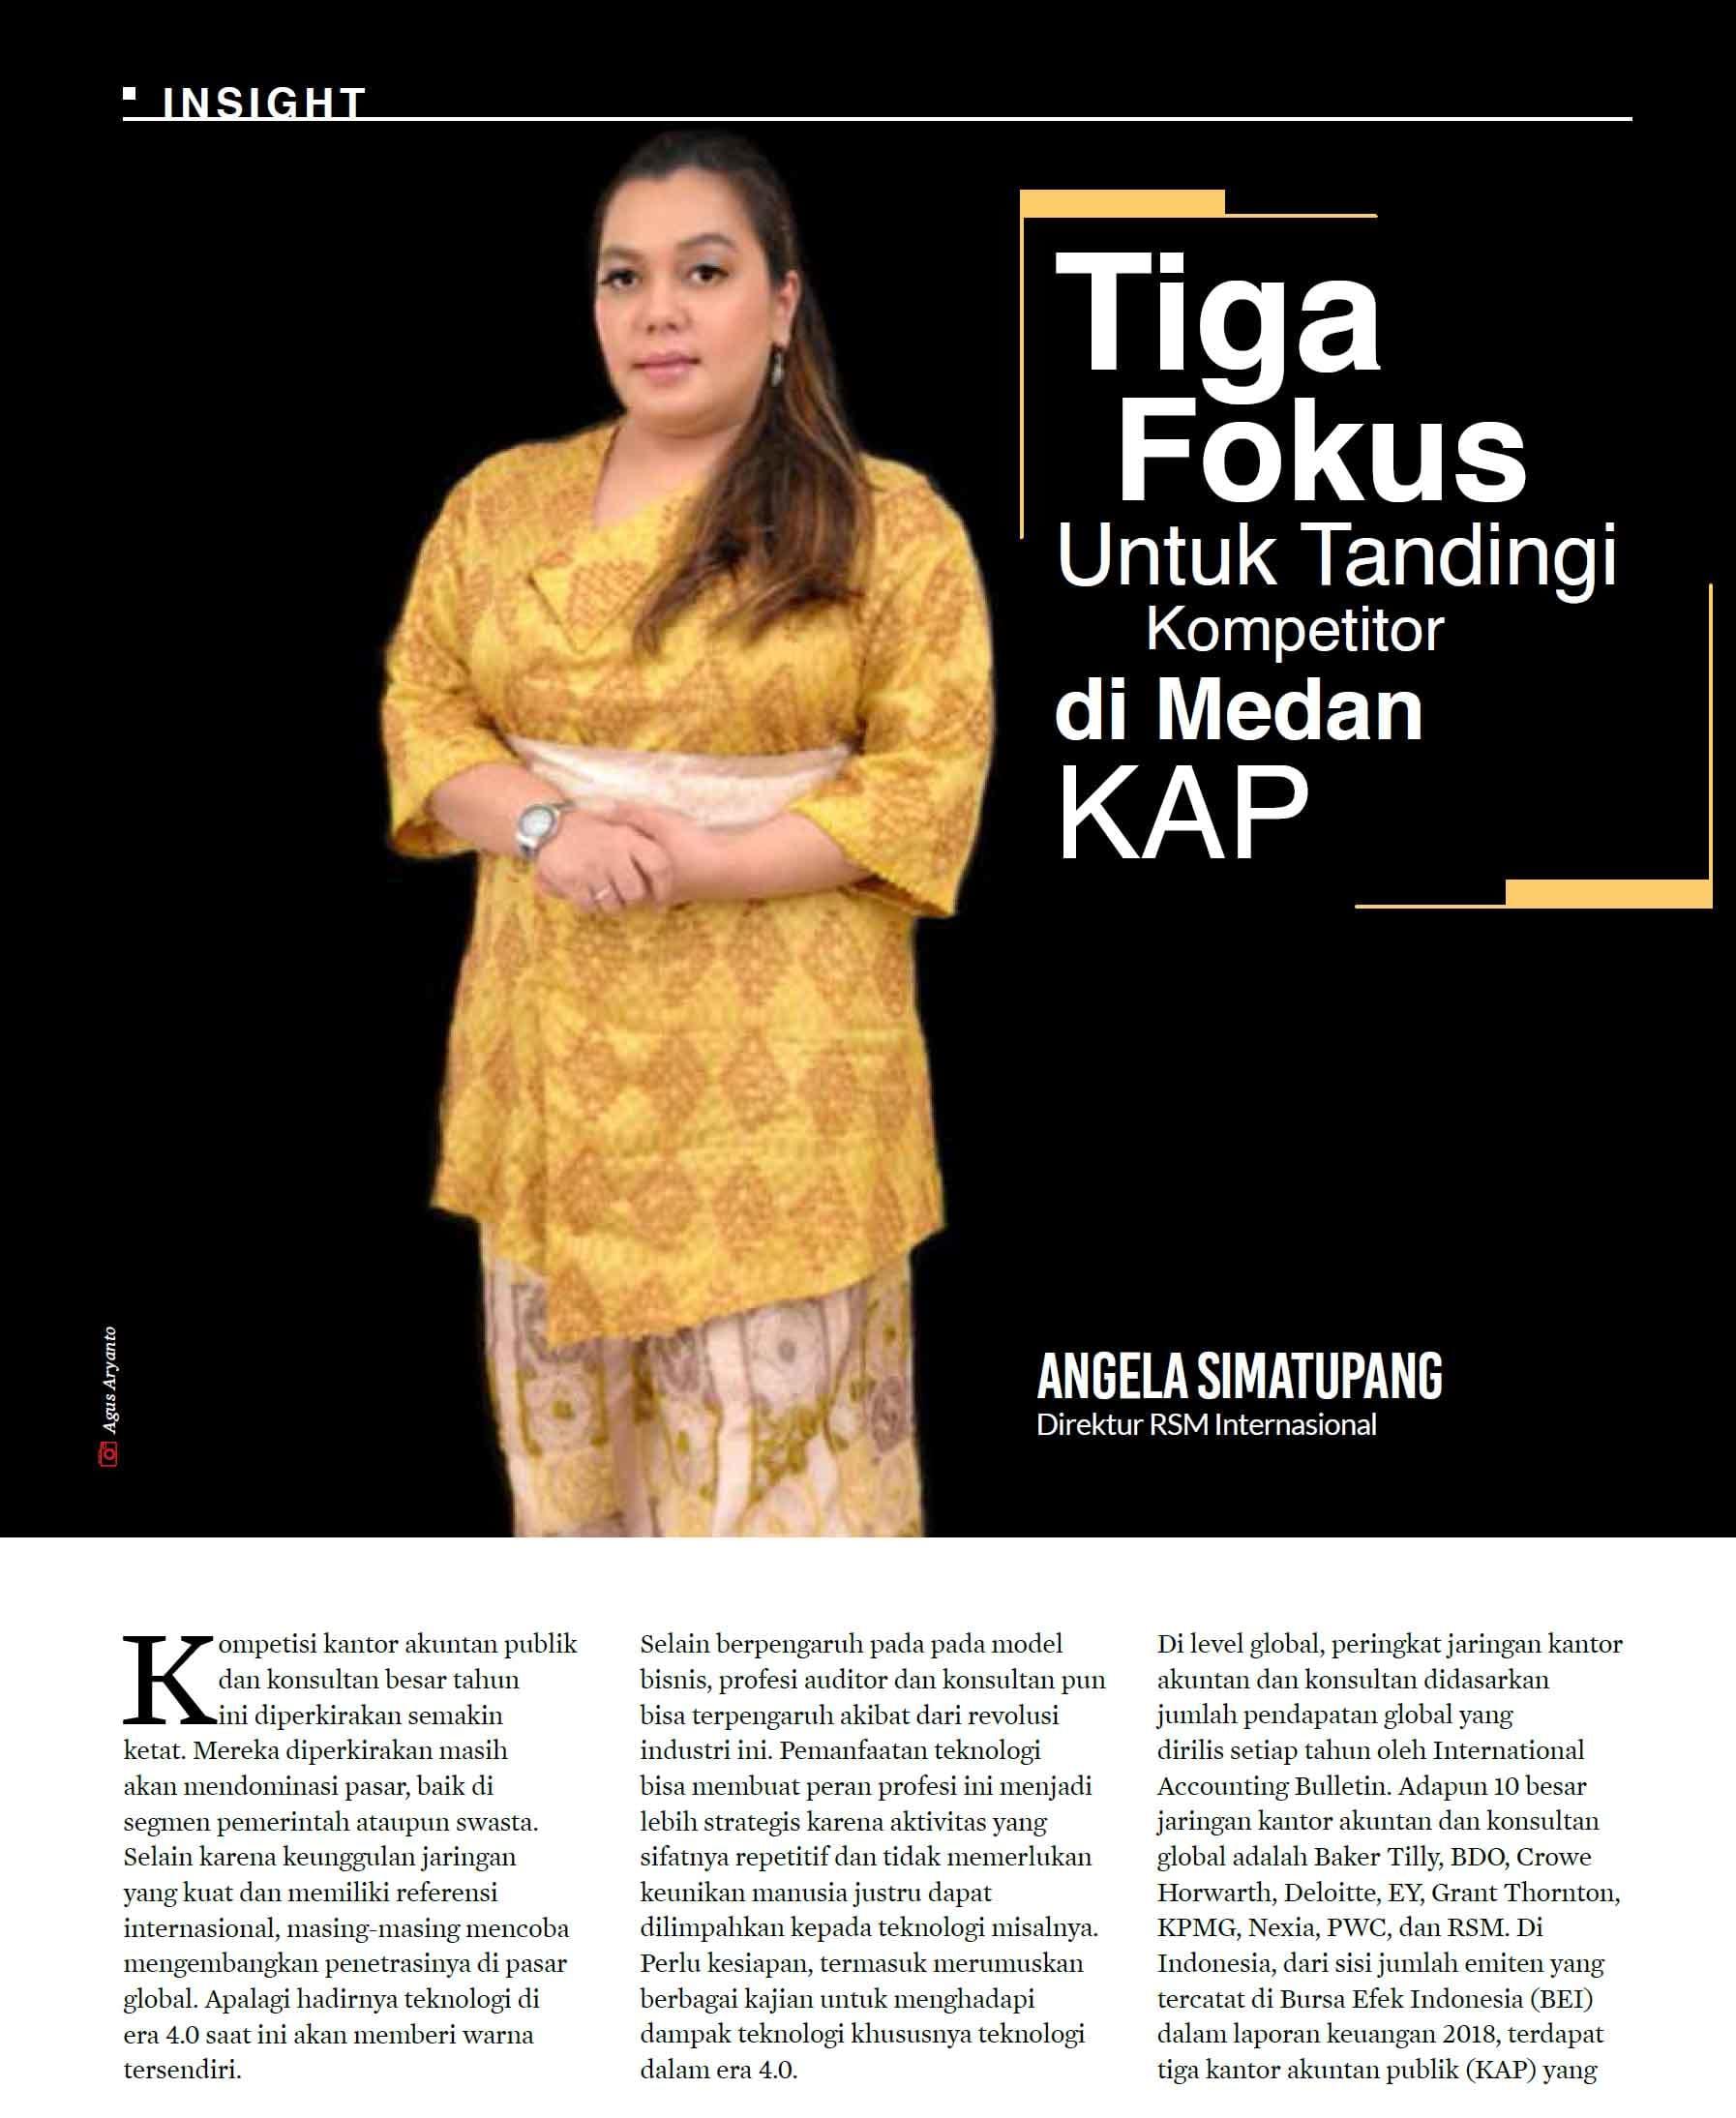 20190930_majalah_warta_ekonomi_edisi_september_2019_hal_66-67_tiga_fokus_untuk_tandingi_kompetitor_di_medan_kap.jpg